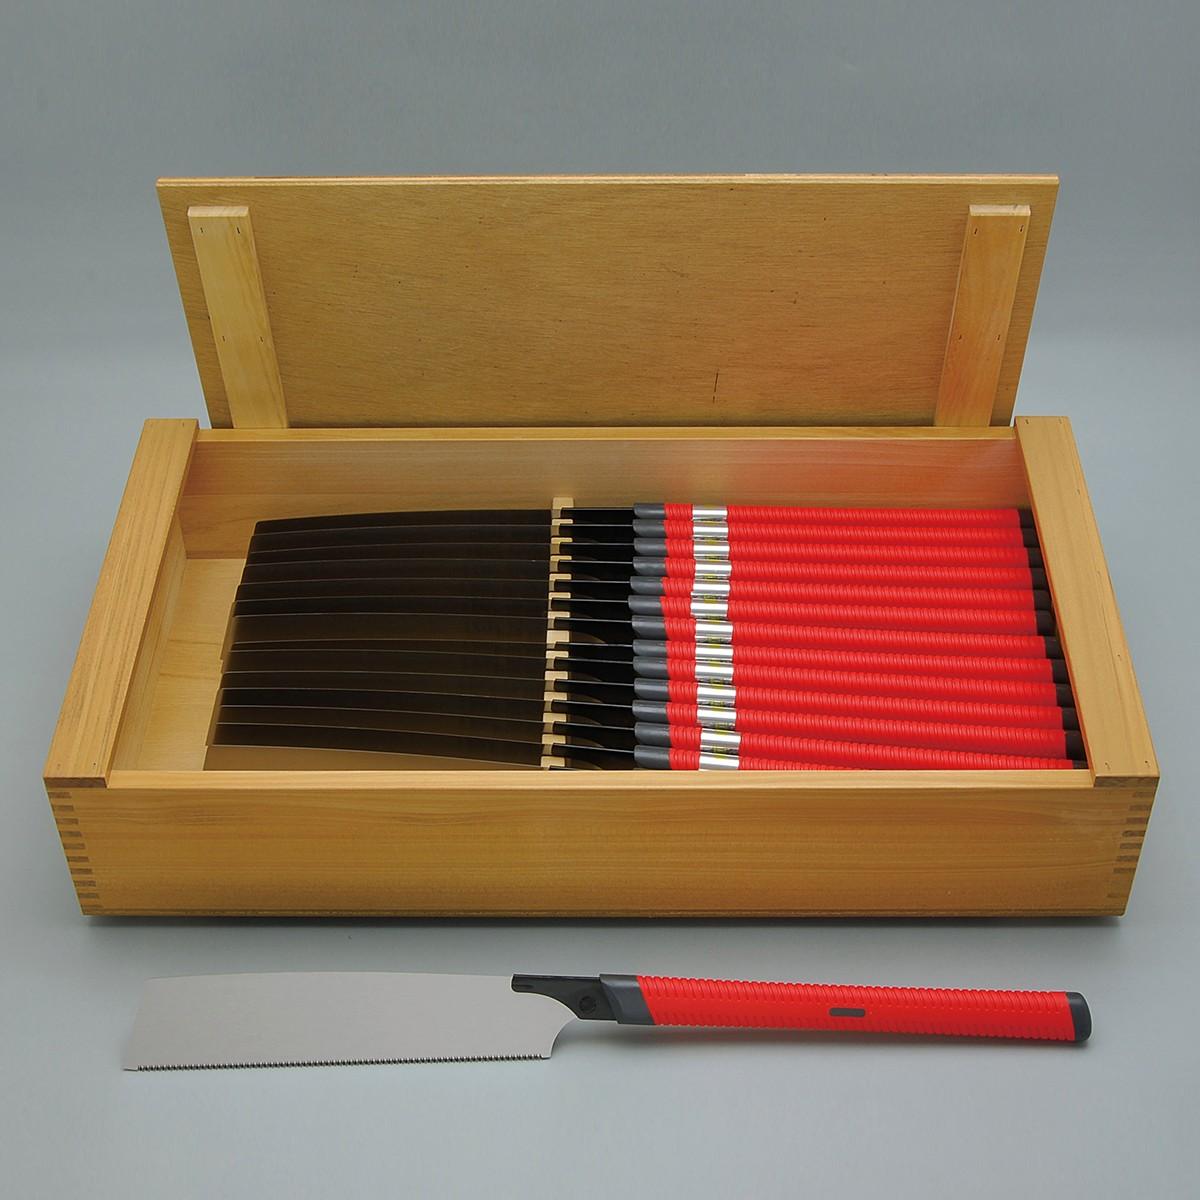 替刃式のこぎり 265GS 15丁組 木箱入 【 木工 木彫 木工具 のこぎり セット 】